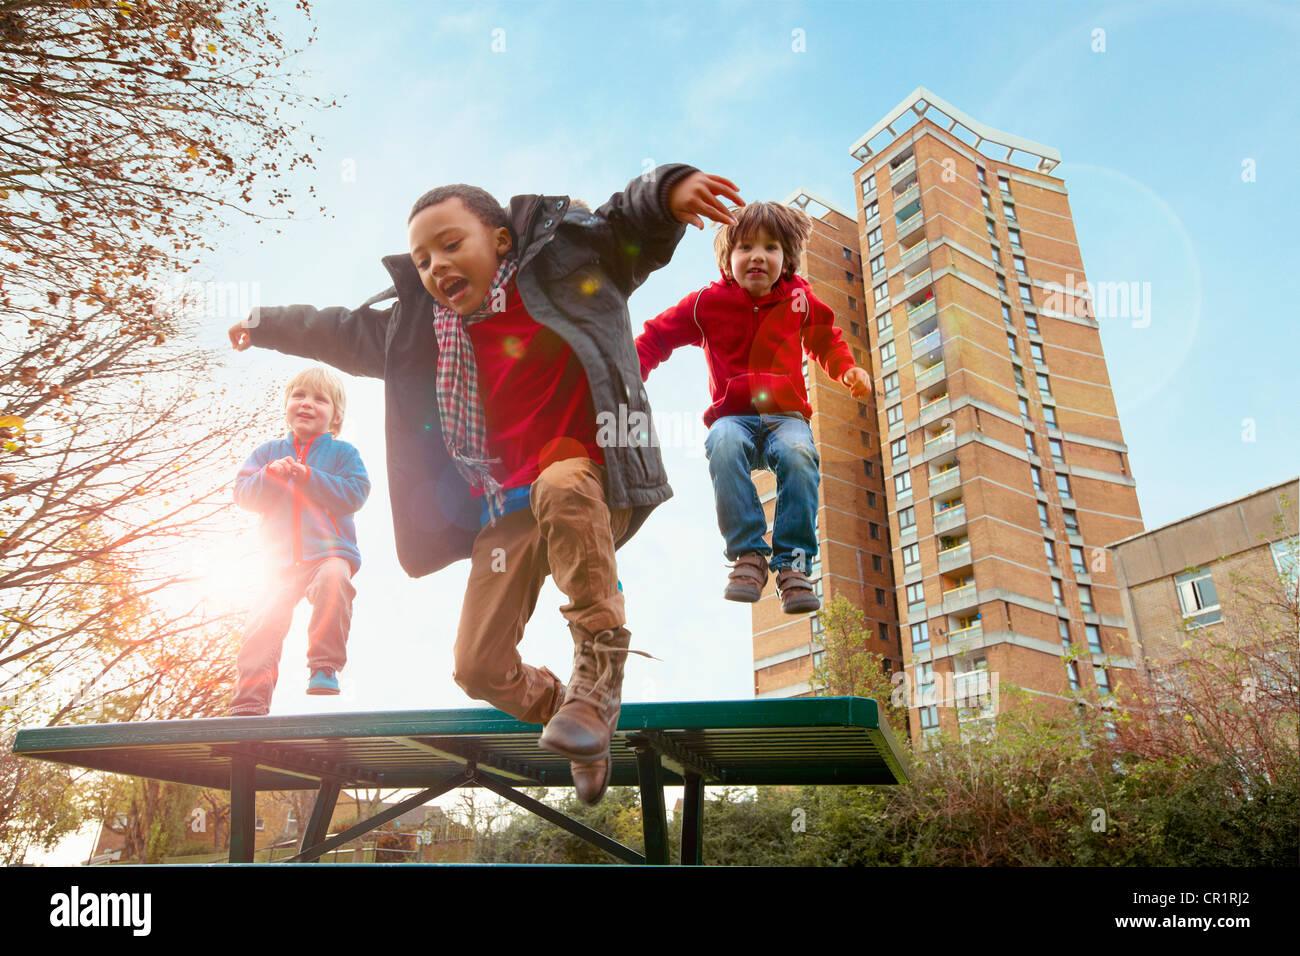 Bambini salti di gioia nel parco Immagini Stock